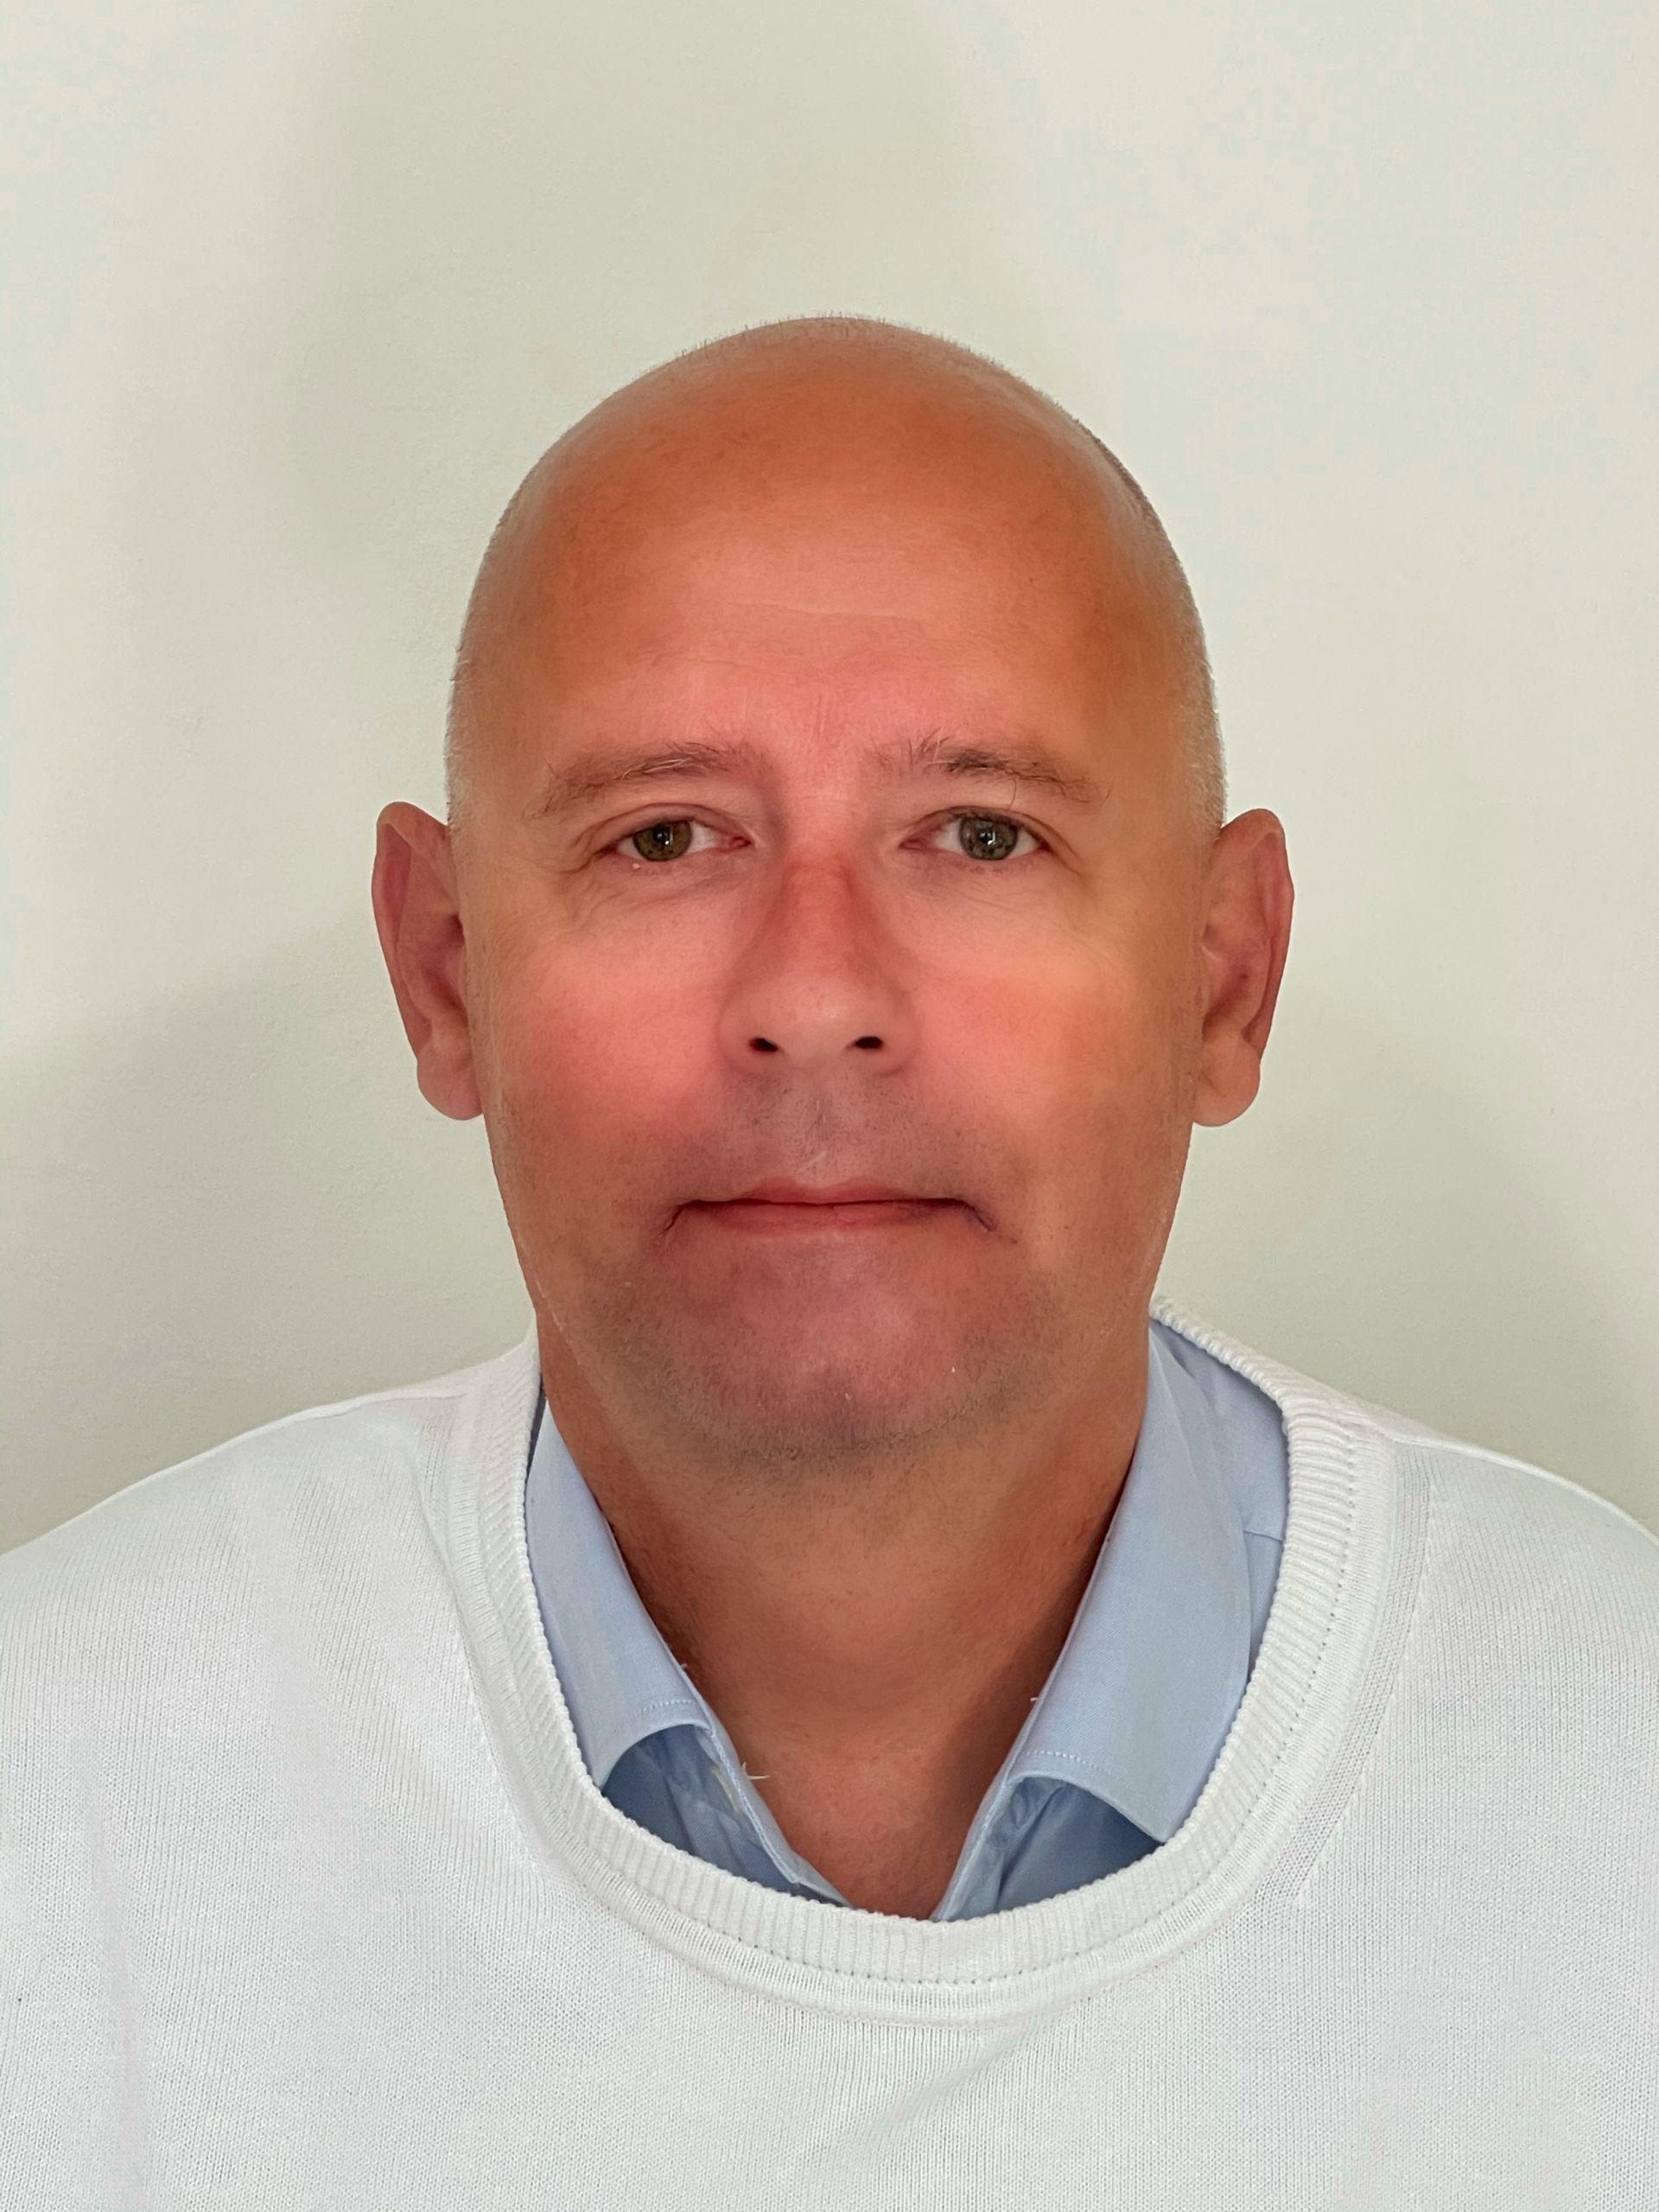 Pelle Nordström Hernandez